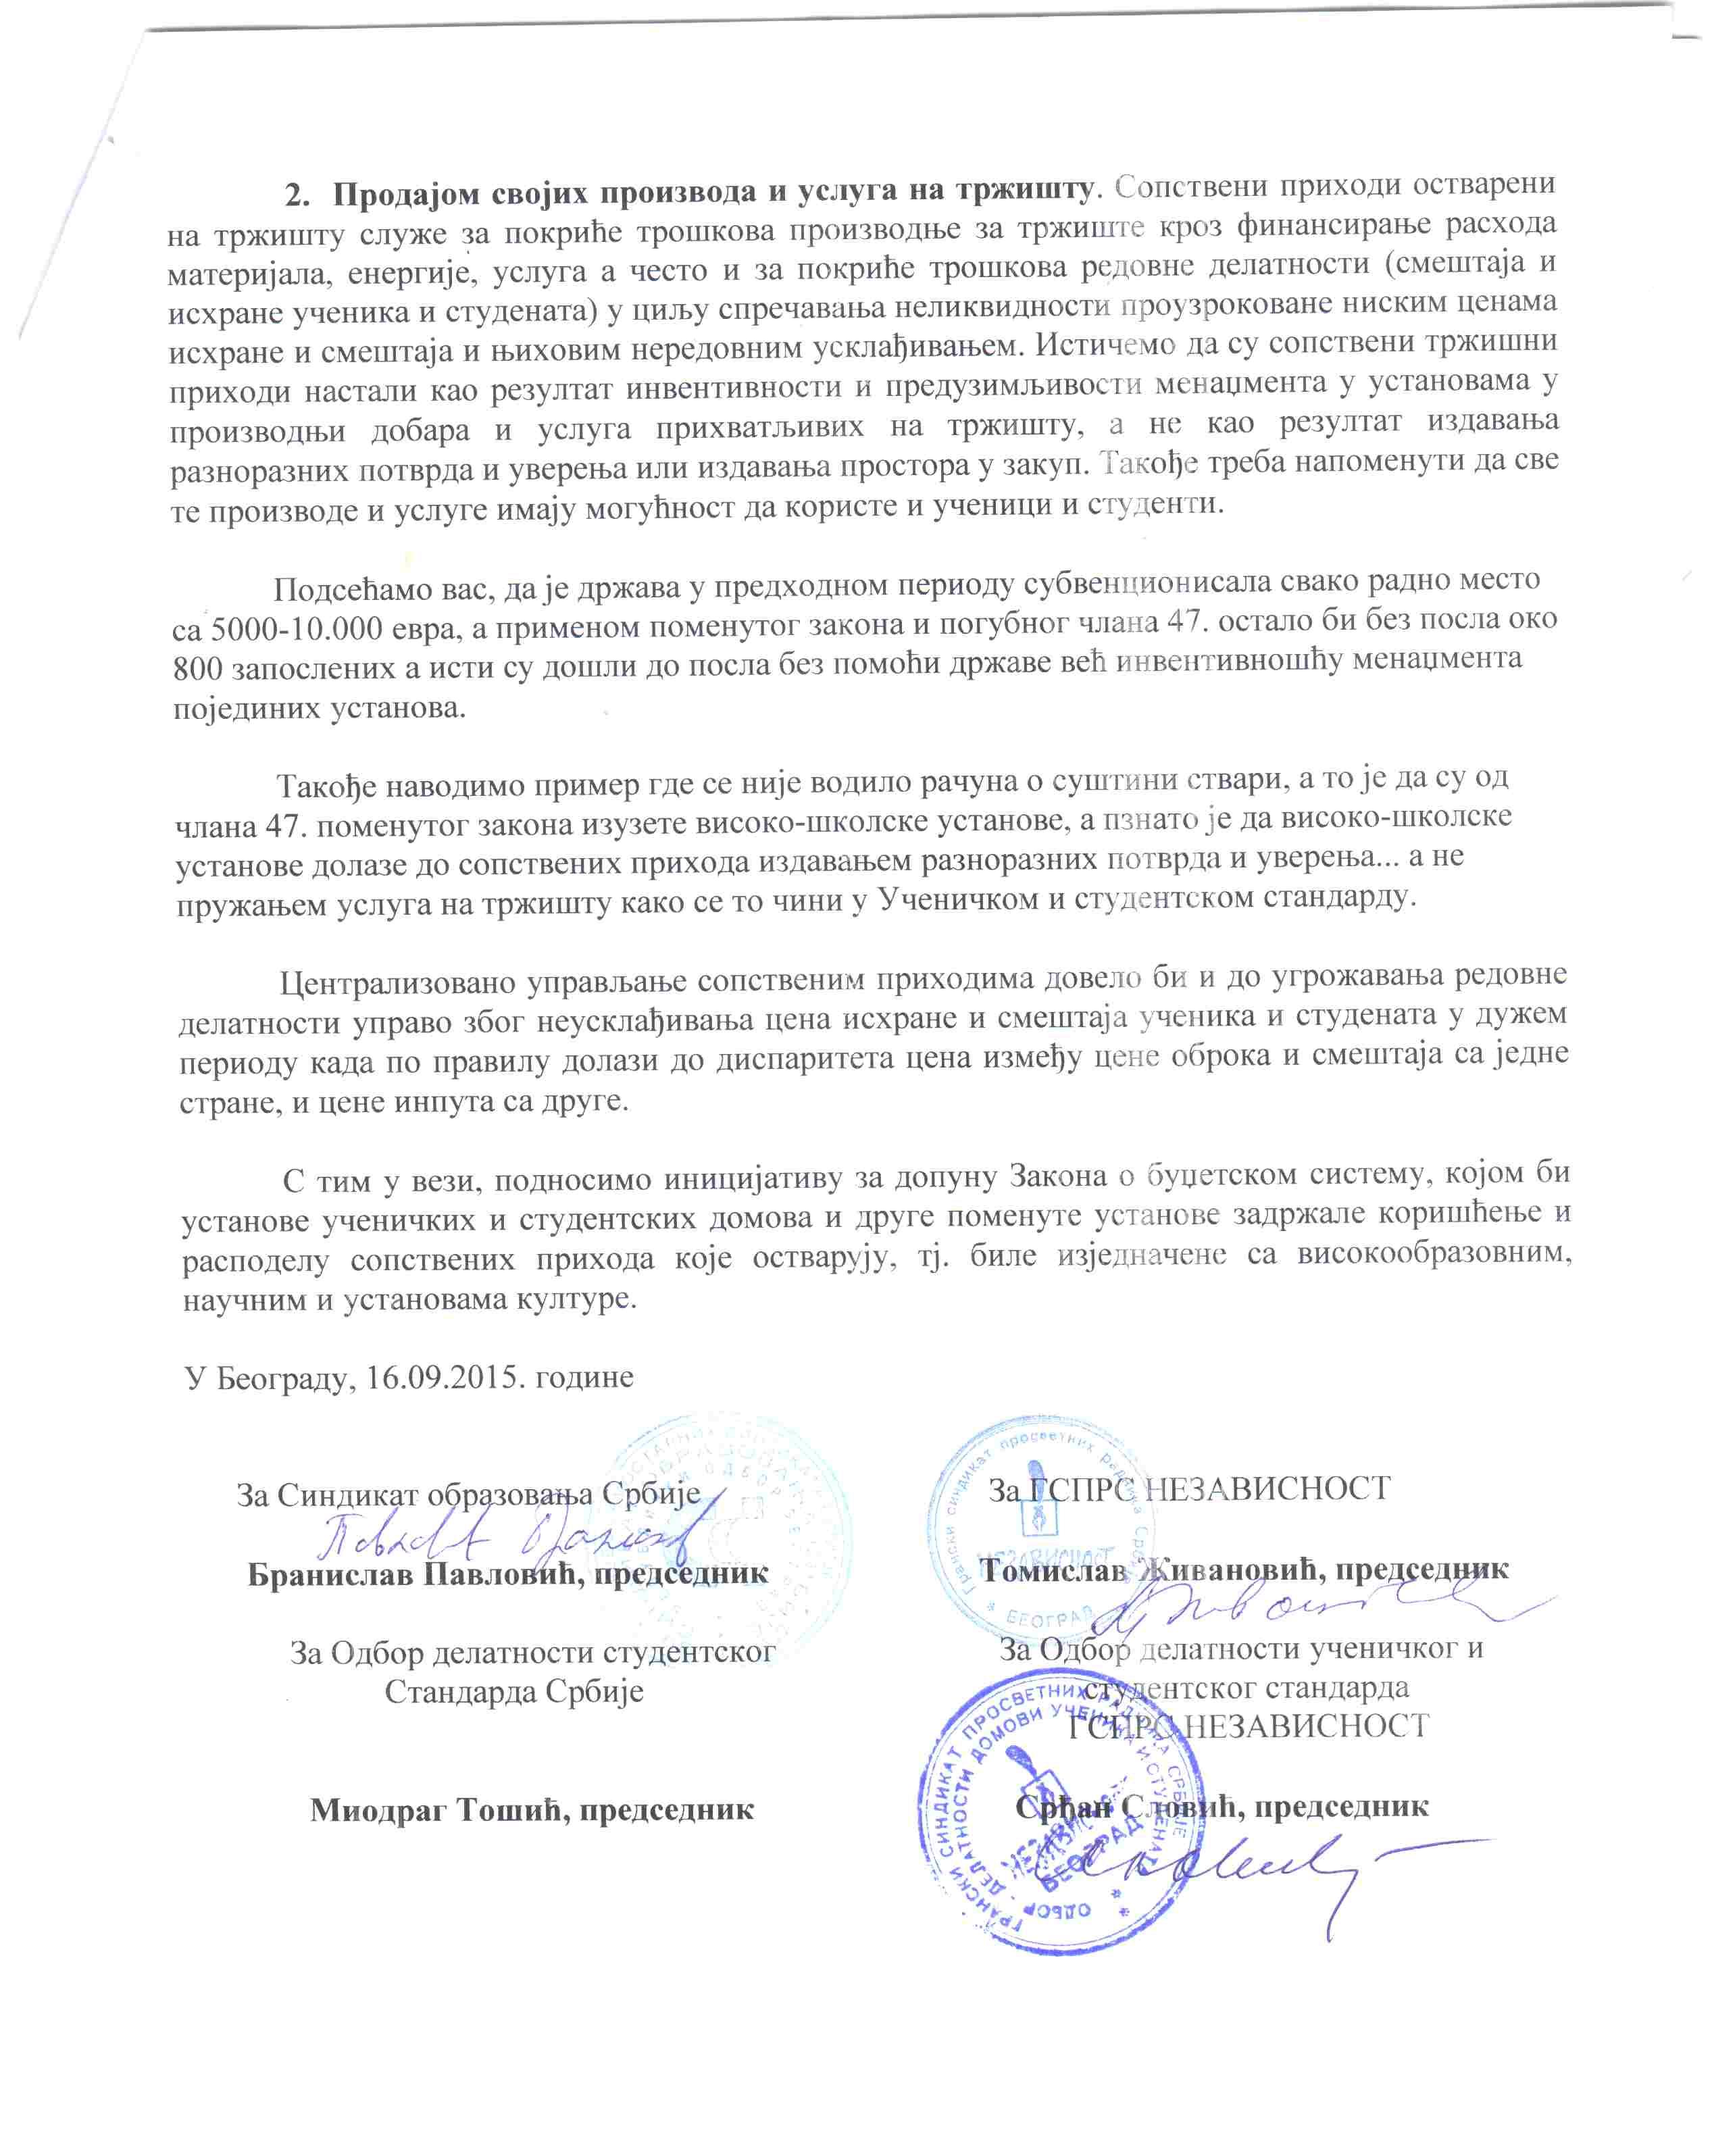 2 Dopis Verbicu i Vujevicu 21.9.2015 13-12 2